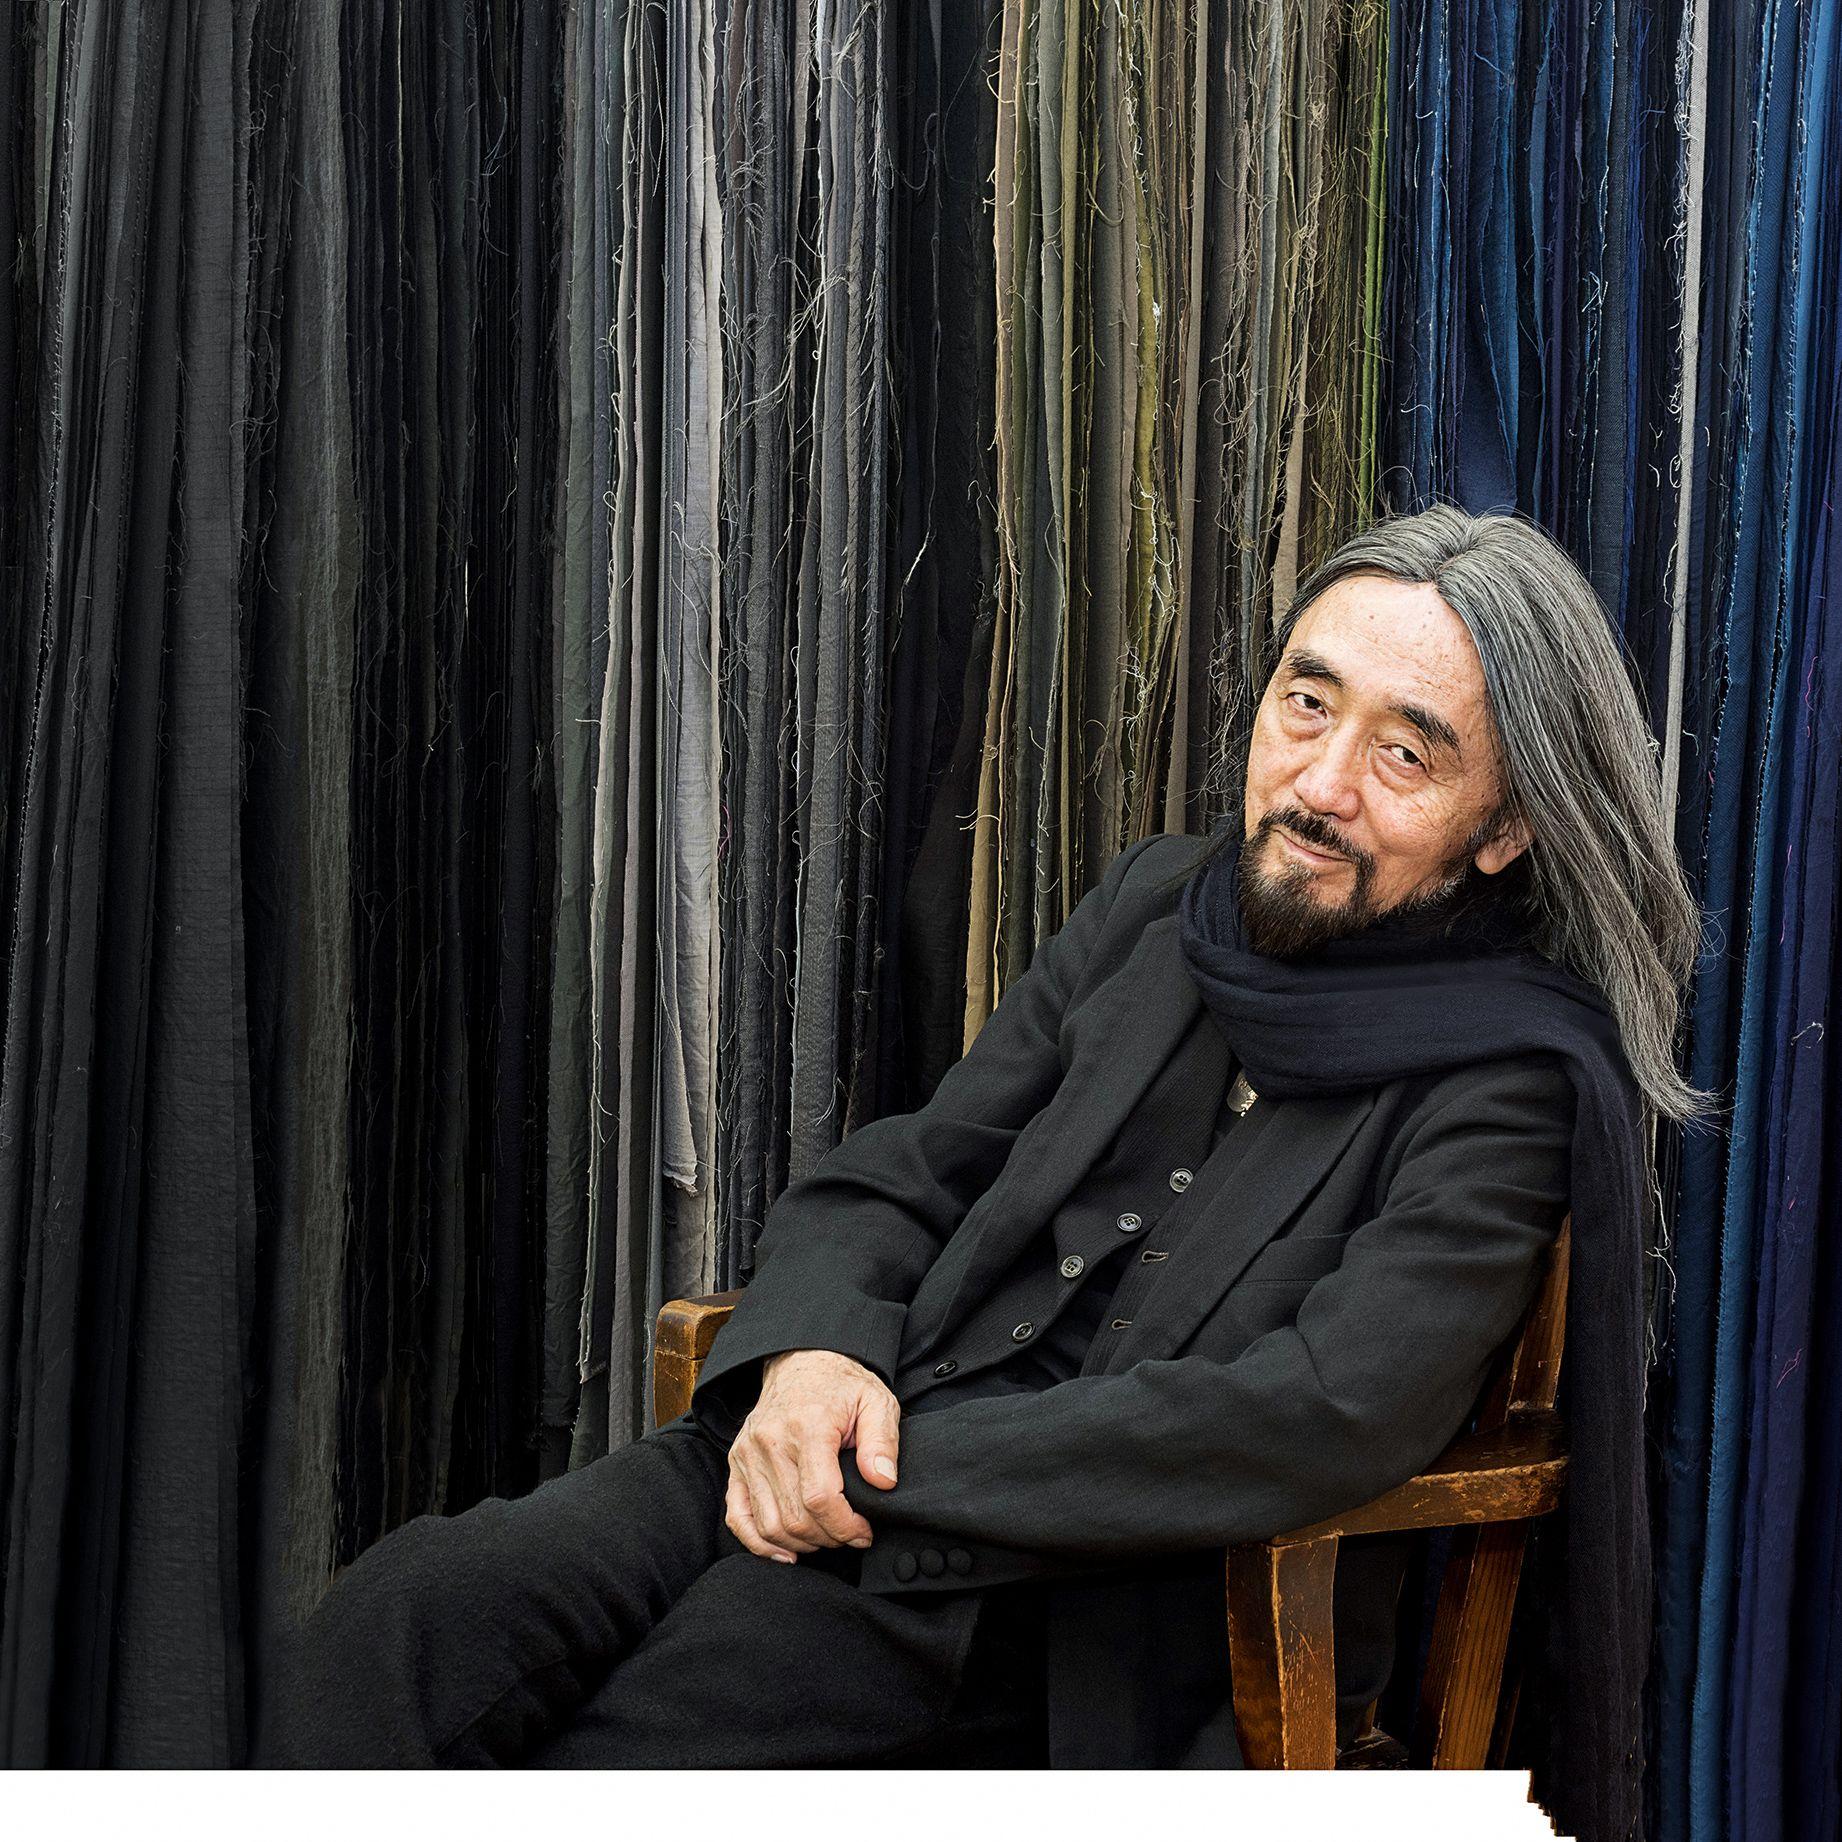 Yohji Yamamoto S Mastery Of Menswear Yohji Yamamoto Yamamoto Minimalist Fashion Men